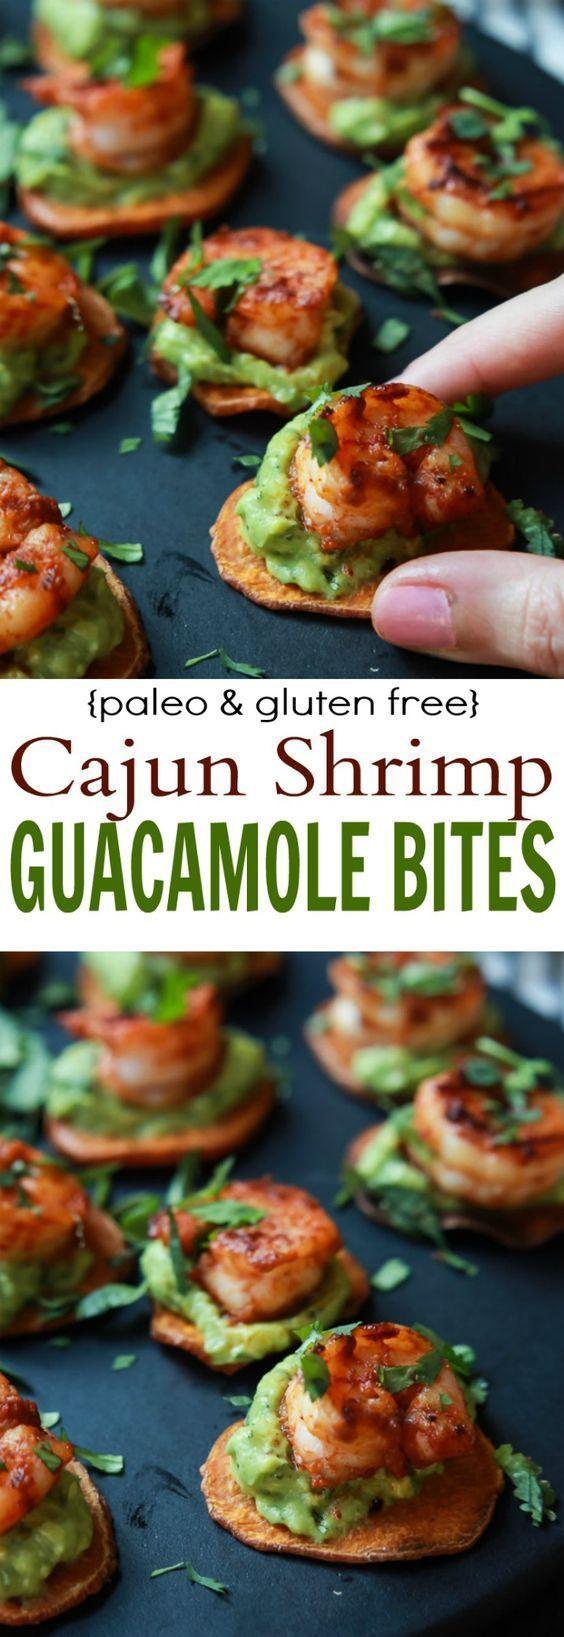 زفاف - Cajun Shrimp Guacamole Bites